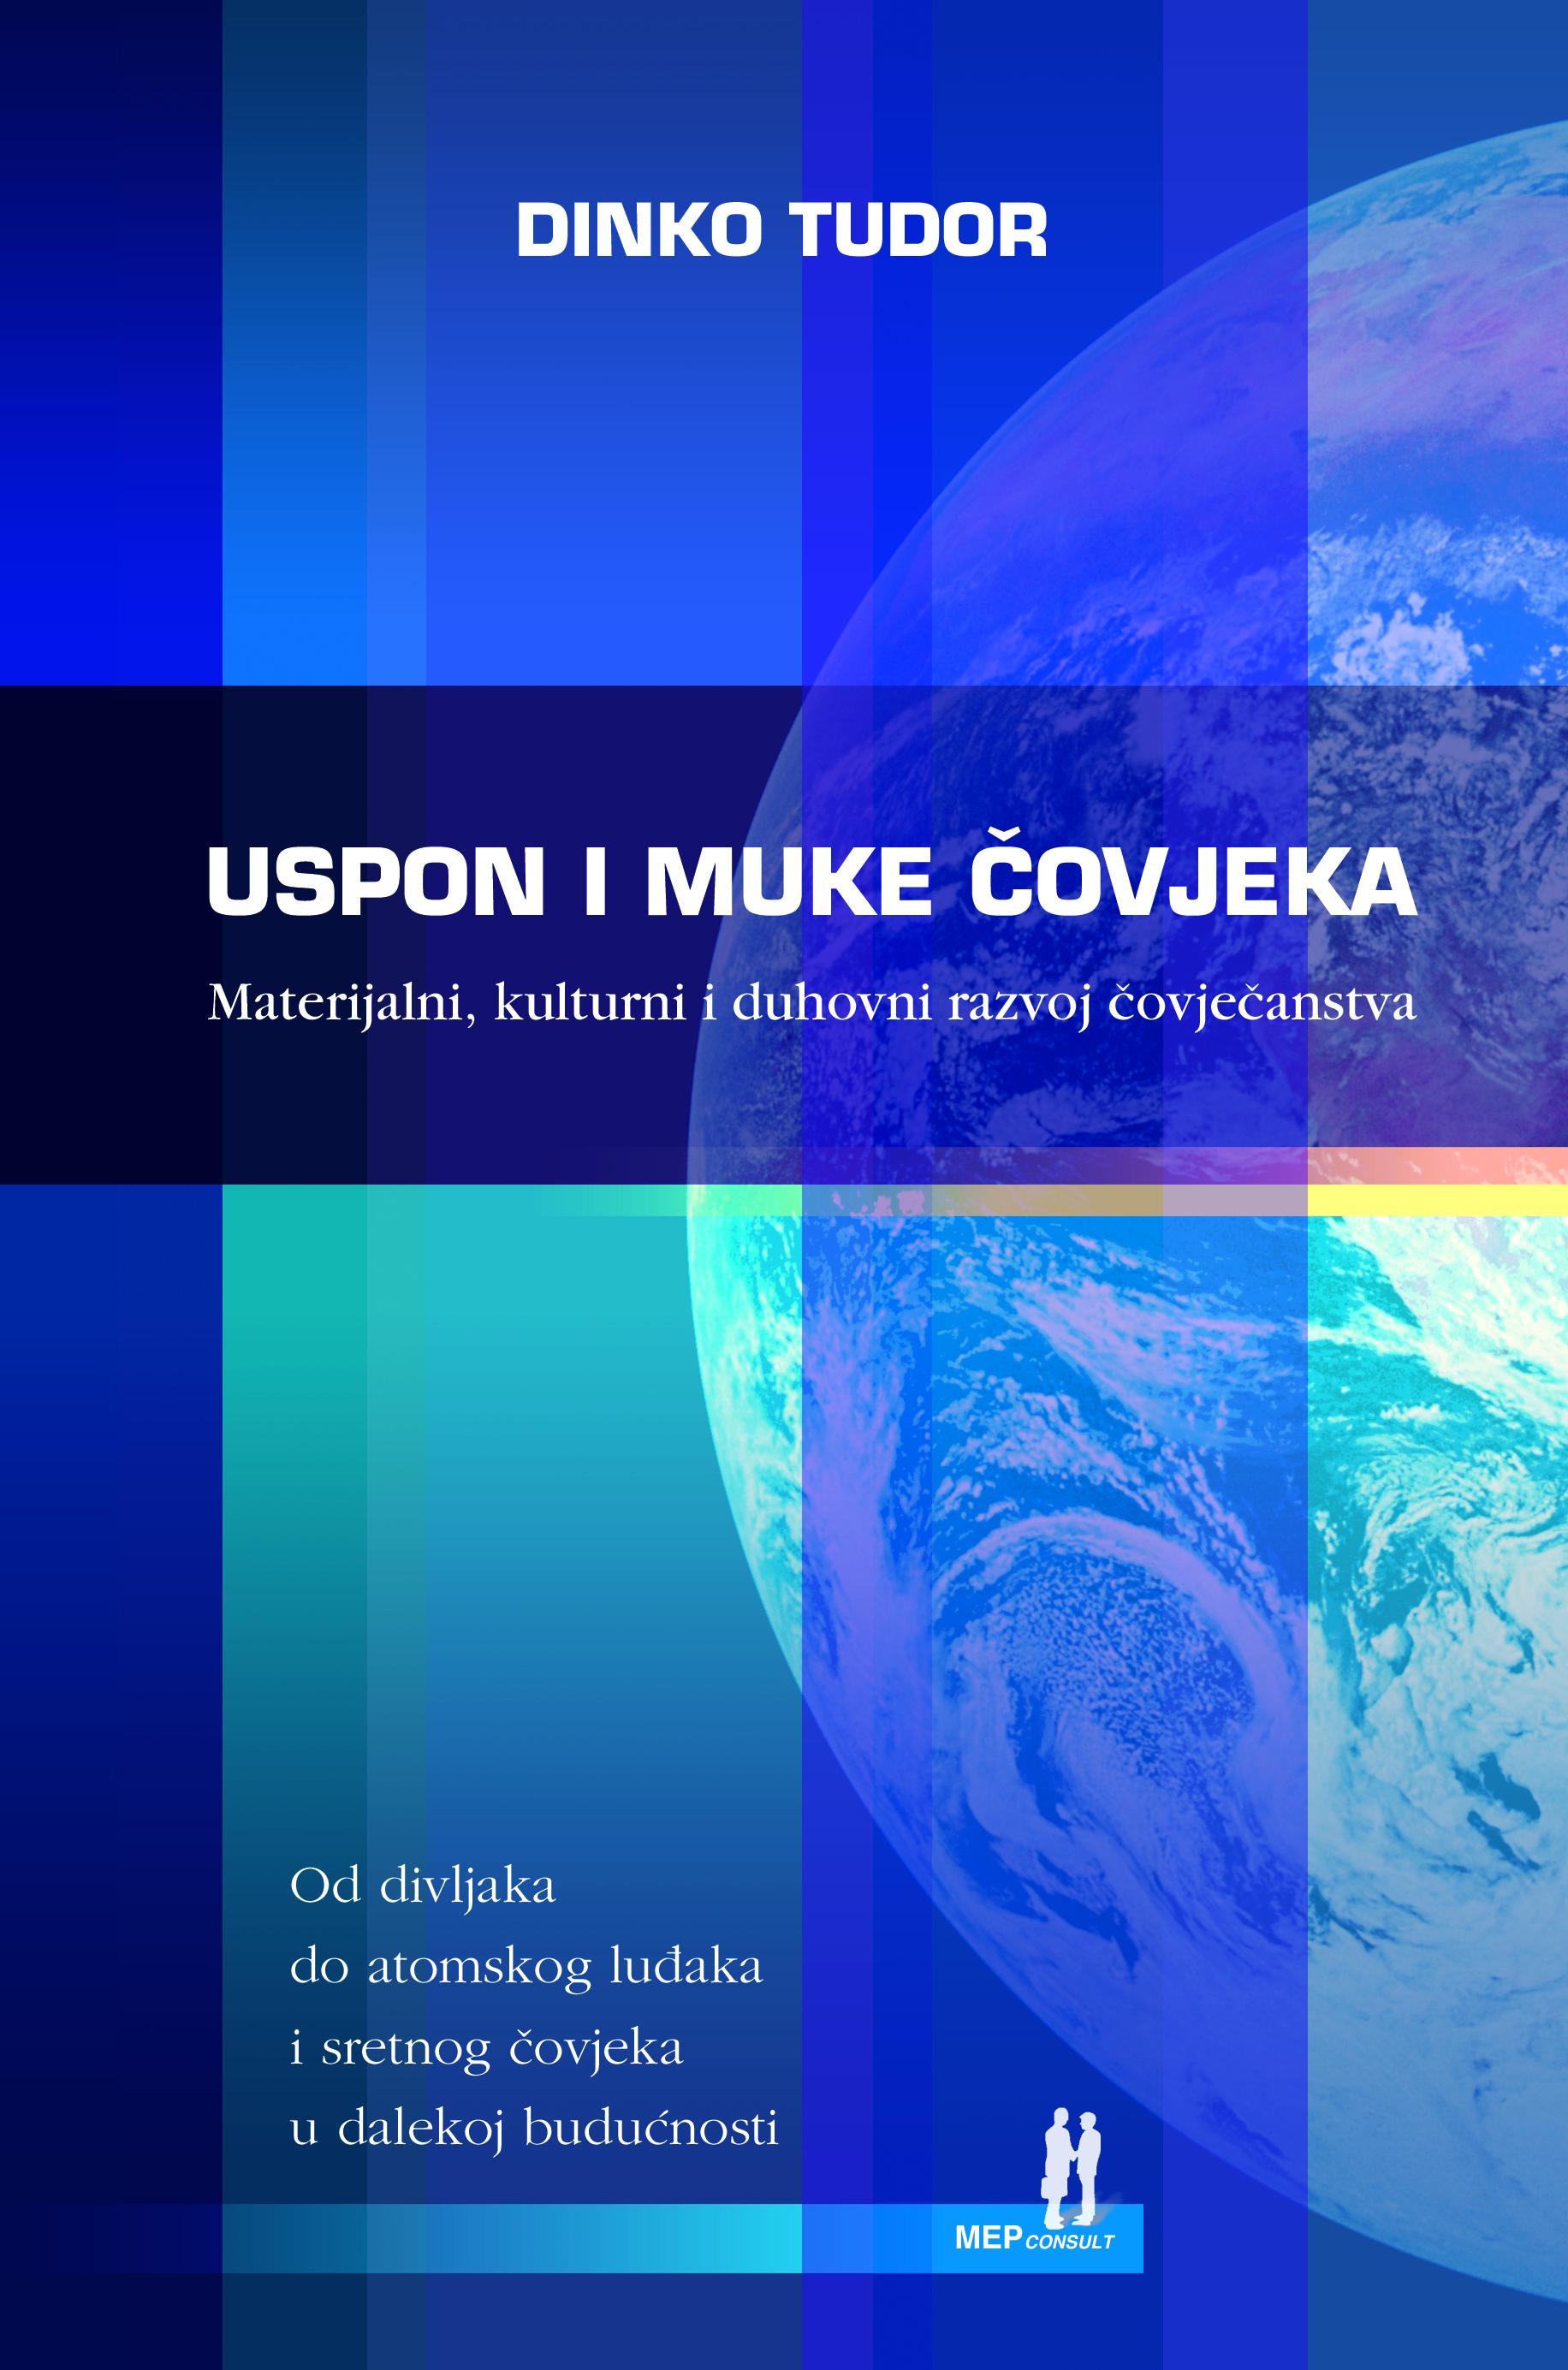 USPON I MUKE ČOVJEKA - Naruči svoju knjigu